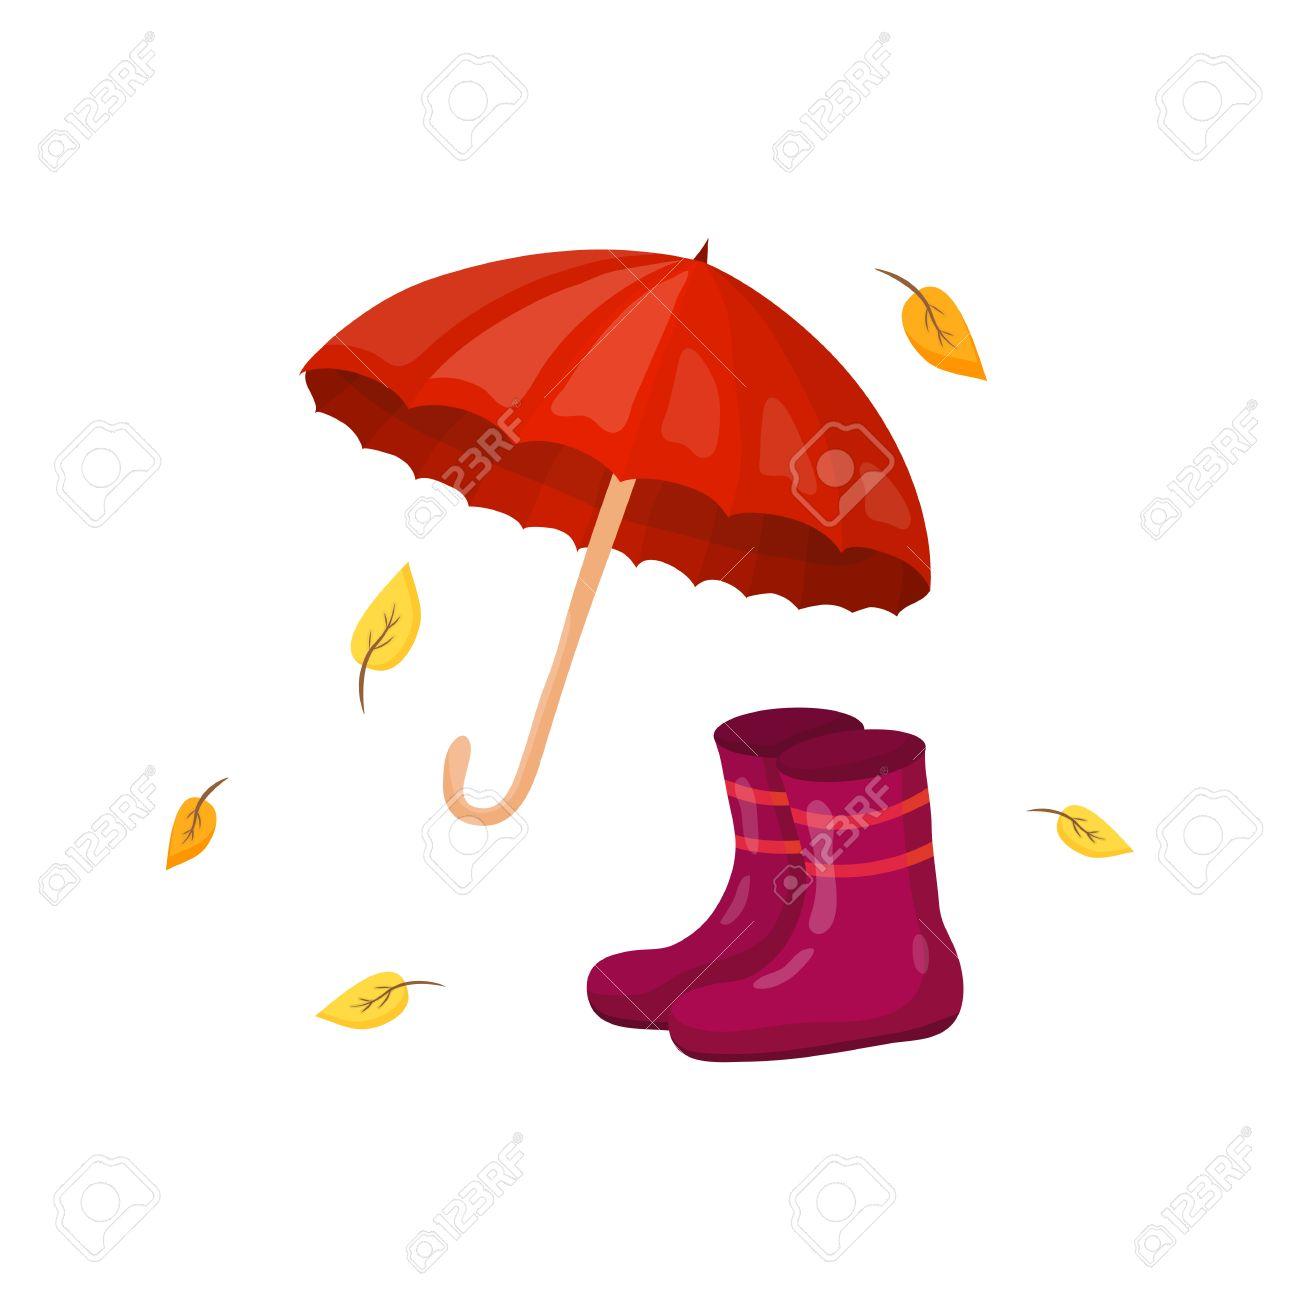 Parapluie, bottes de pluie et les feuilles jaunes dans le style de dessin animé isolé sur fond blanc.